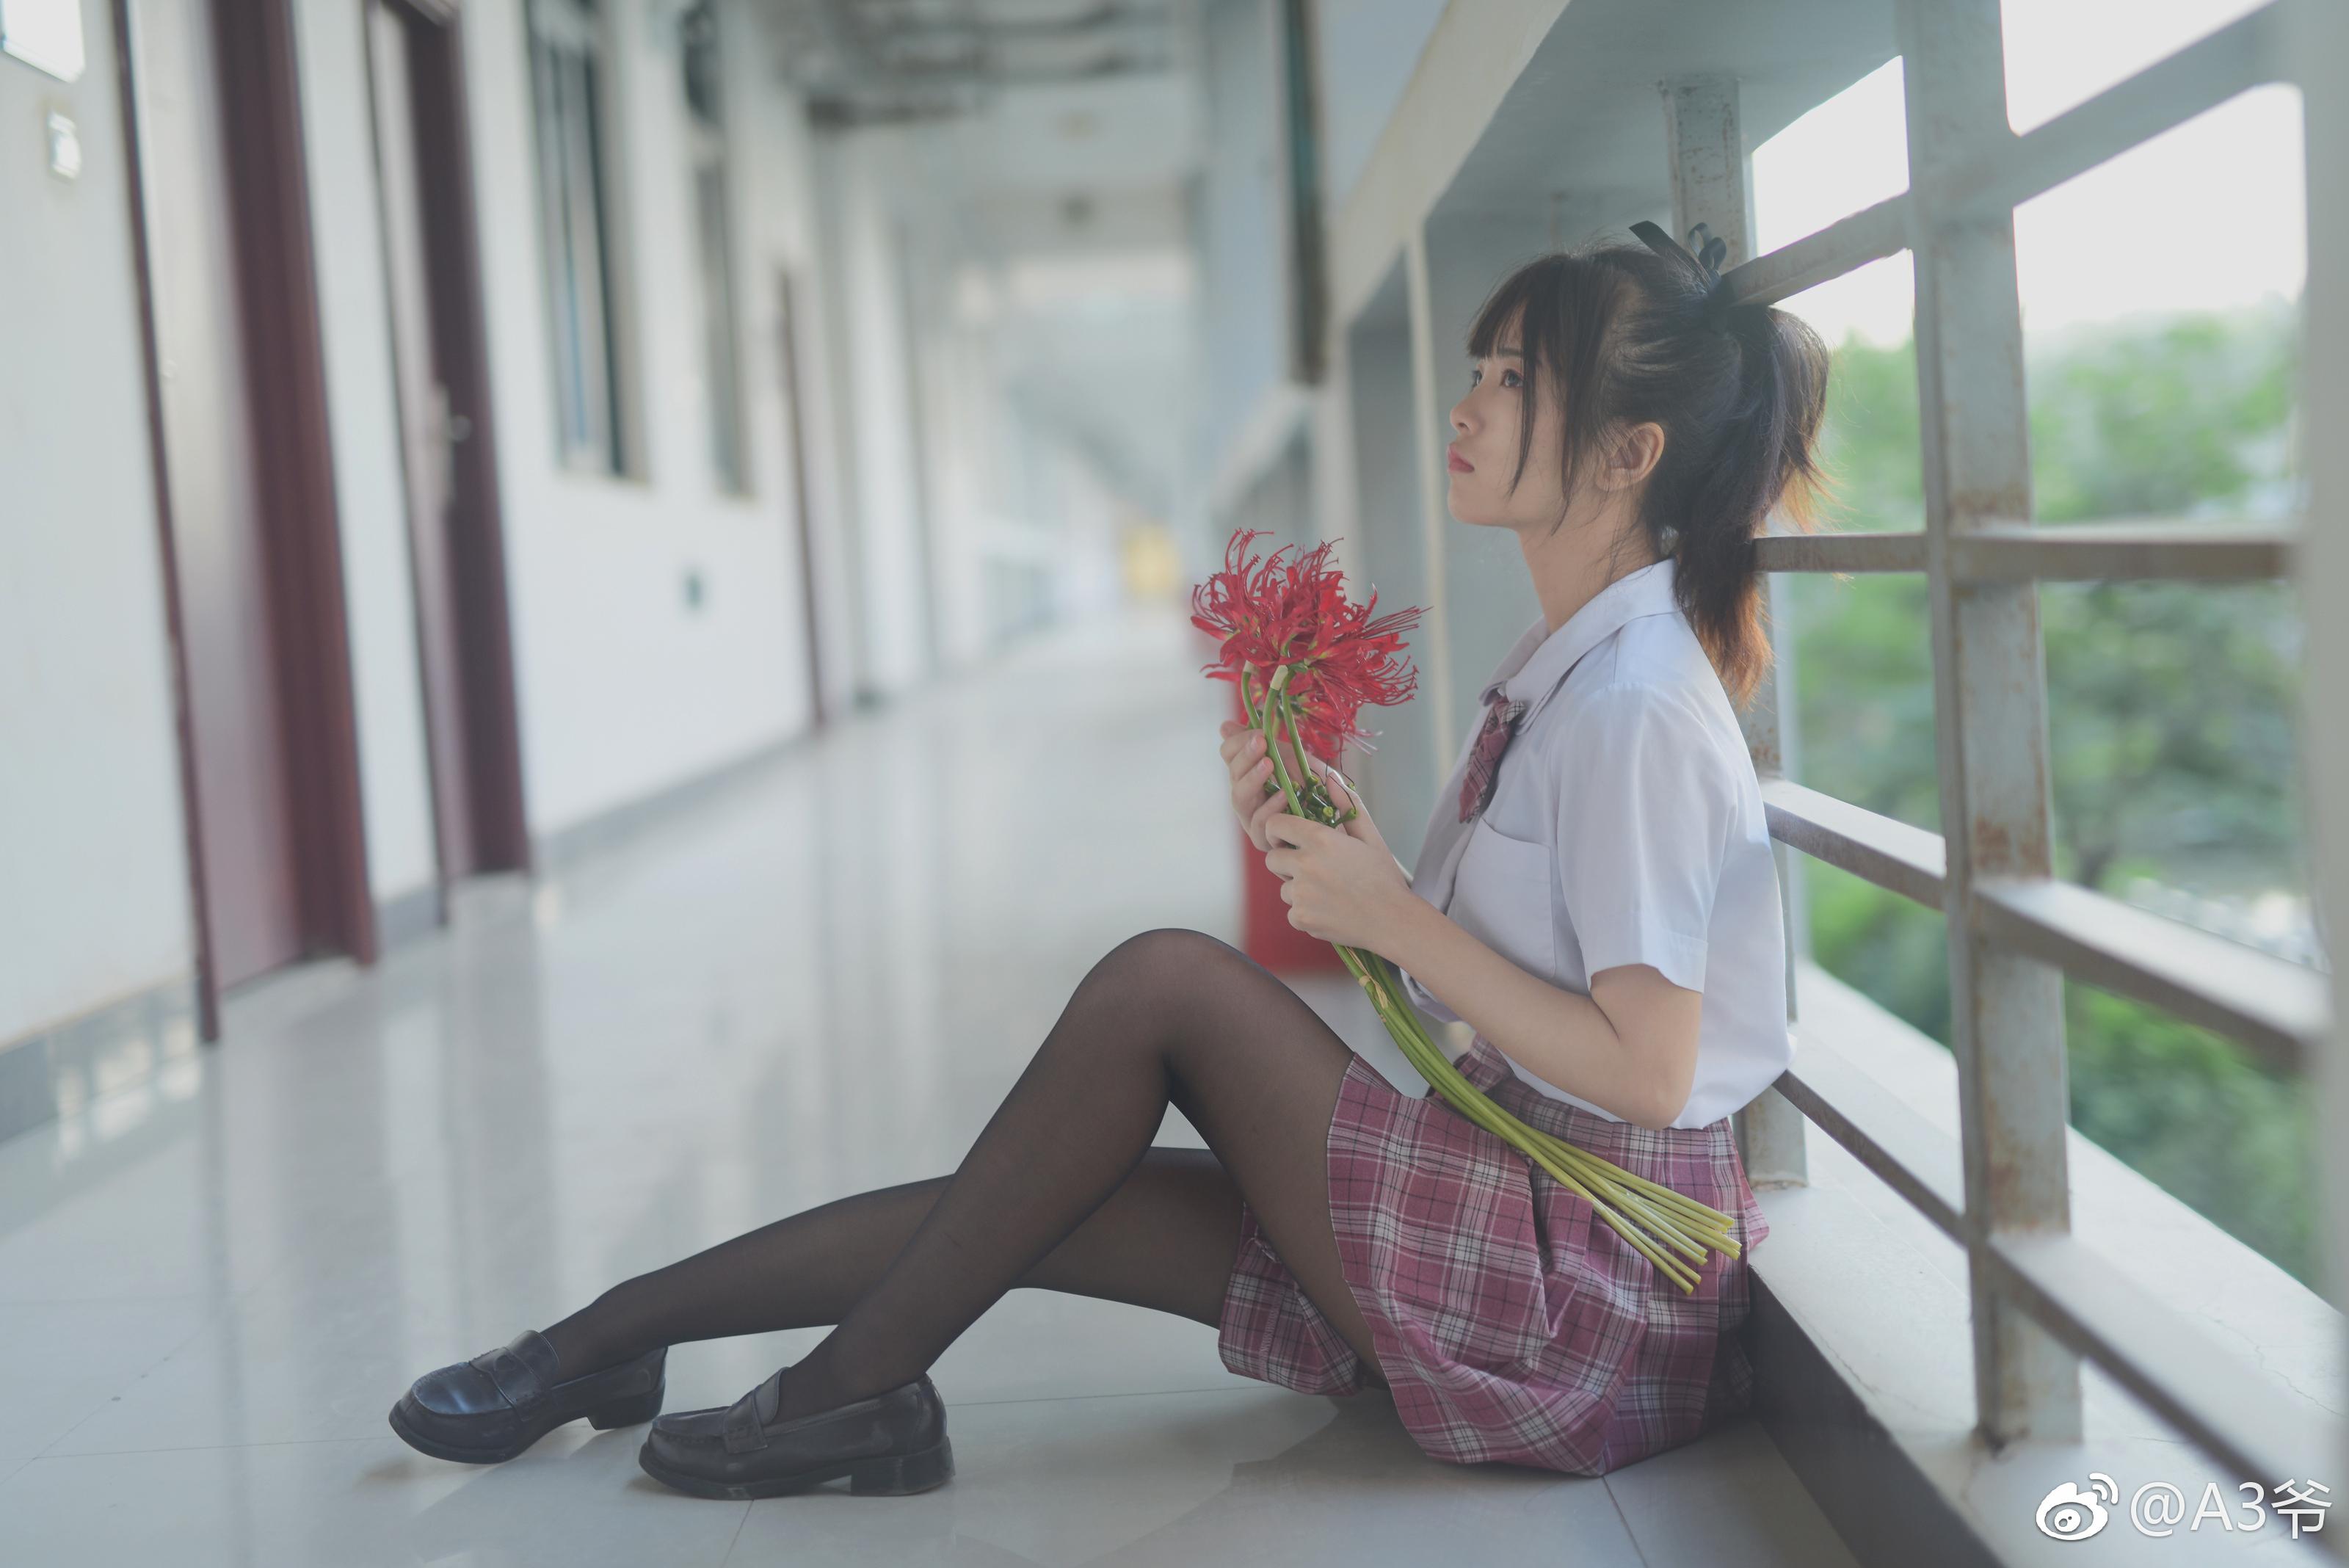 制服萌妹的私影写真,摄影师真棒 美女写真-第2张